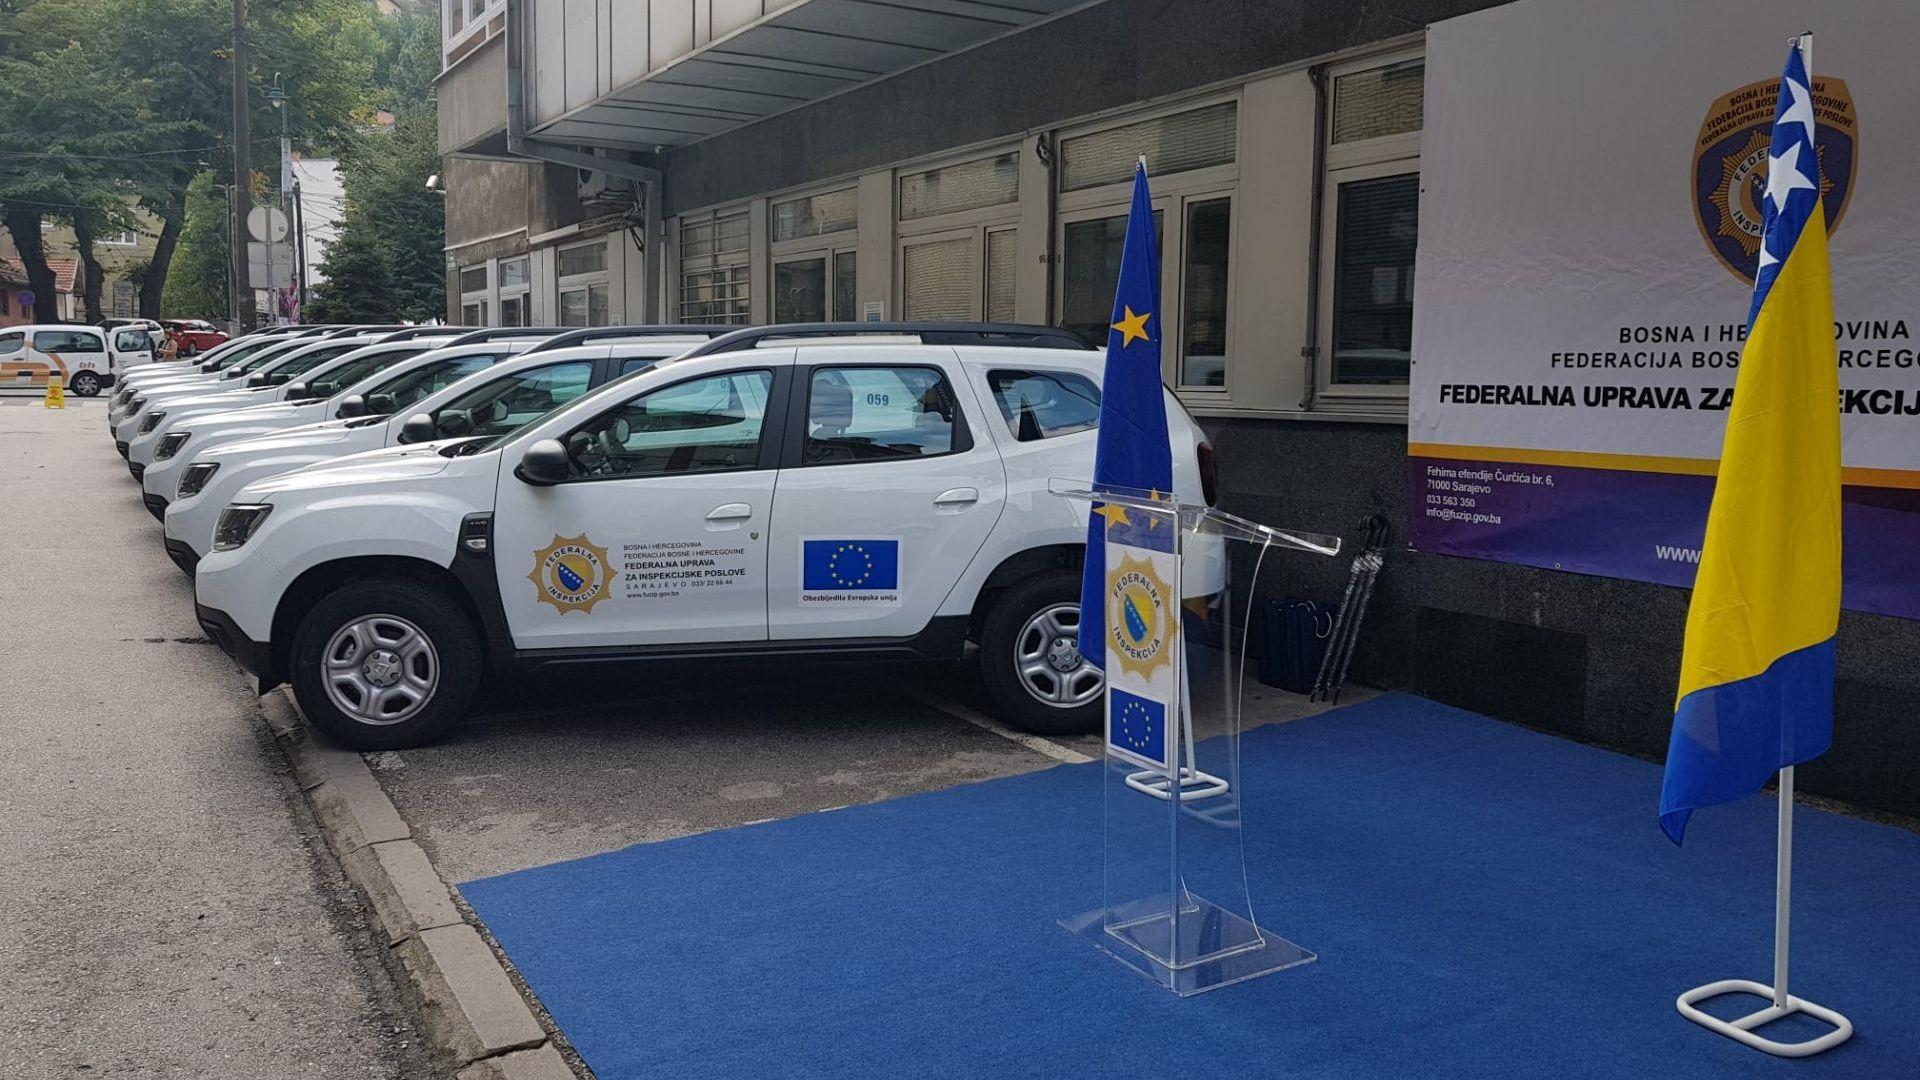 Българска фирма достави 33 превозни средства в Босна и Херцеговина